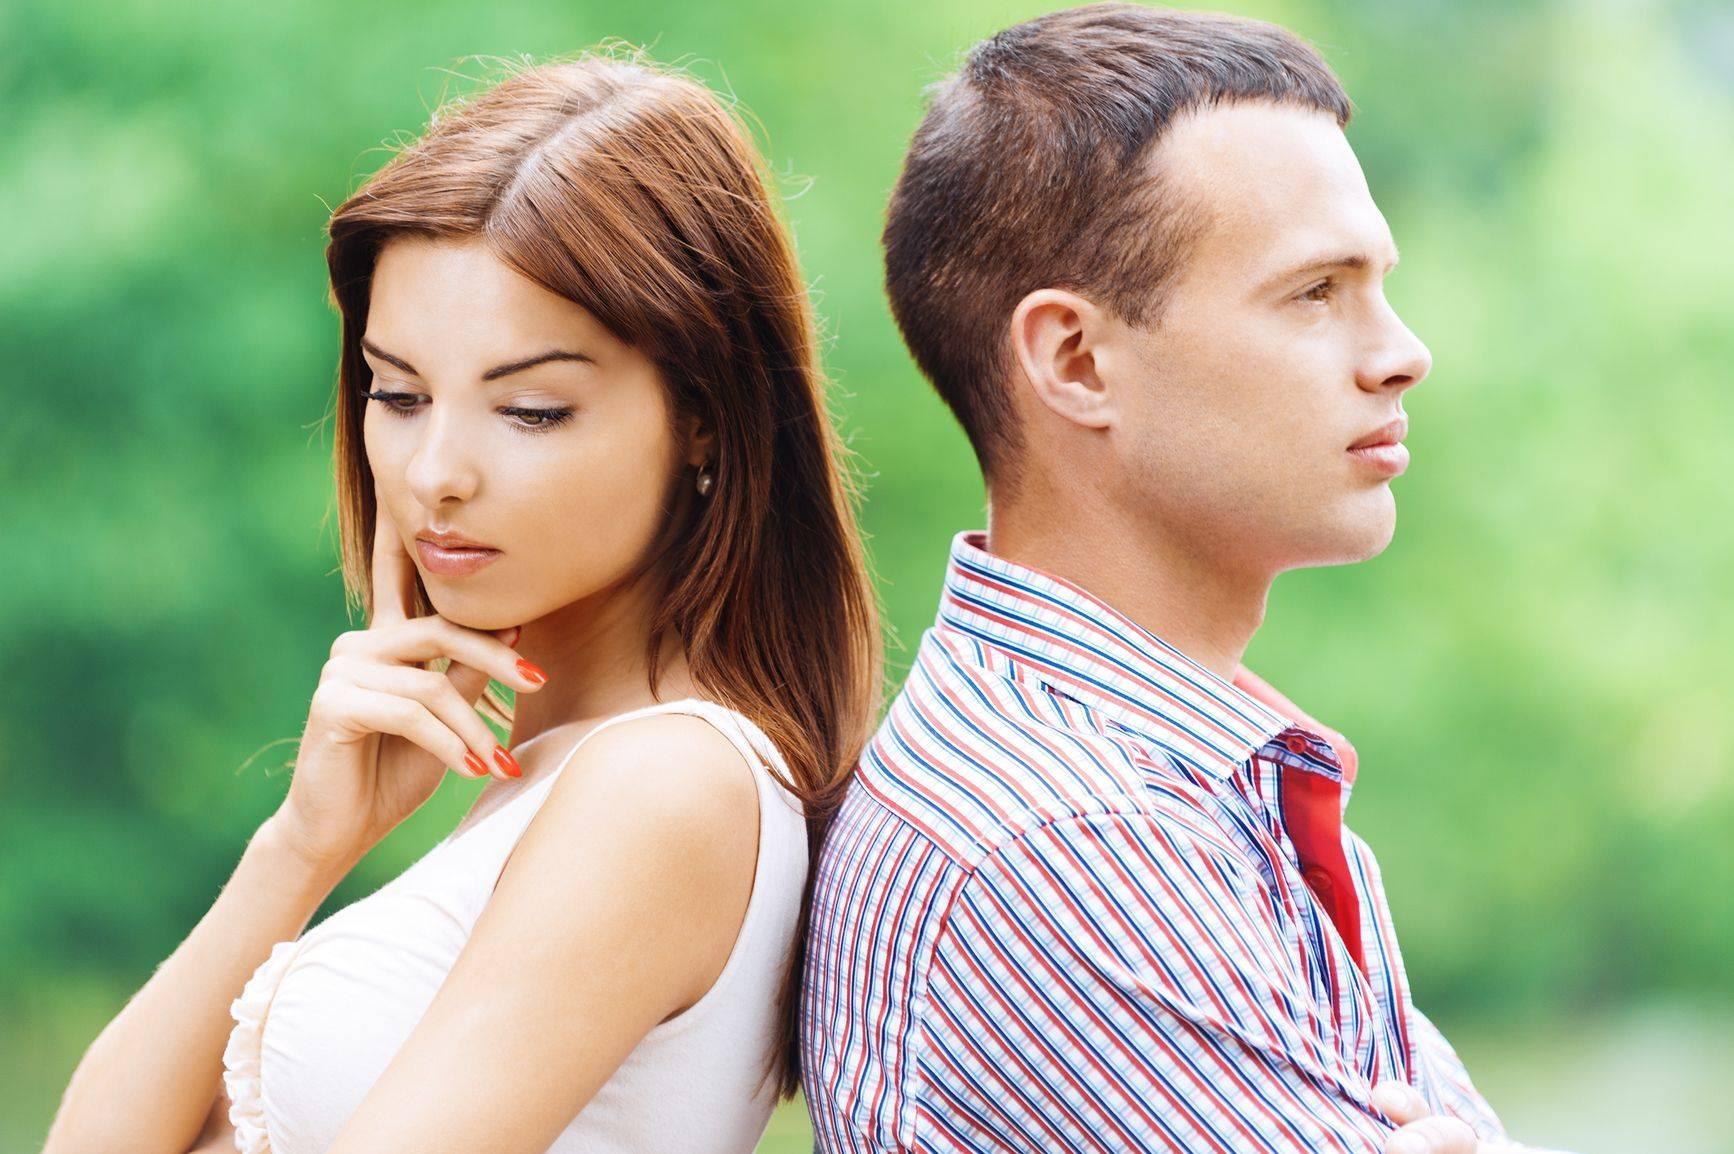 15 книг об отношениях между мужчиной и женщиной, после которых вы не сможете смотреть на любимых как прежде • фаза роста